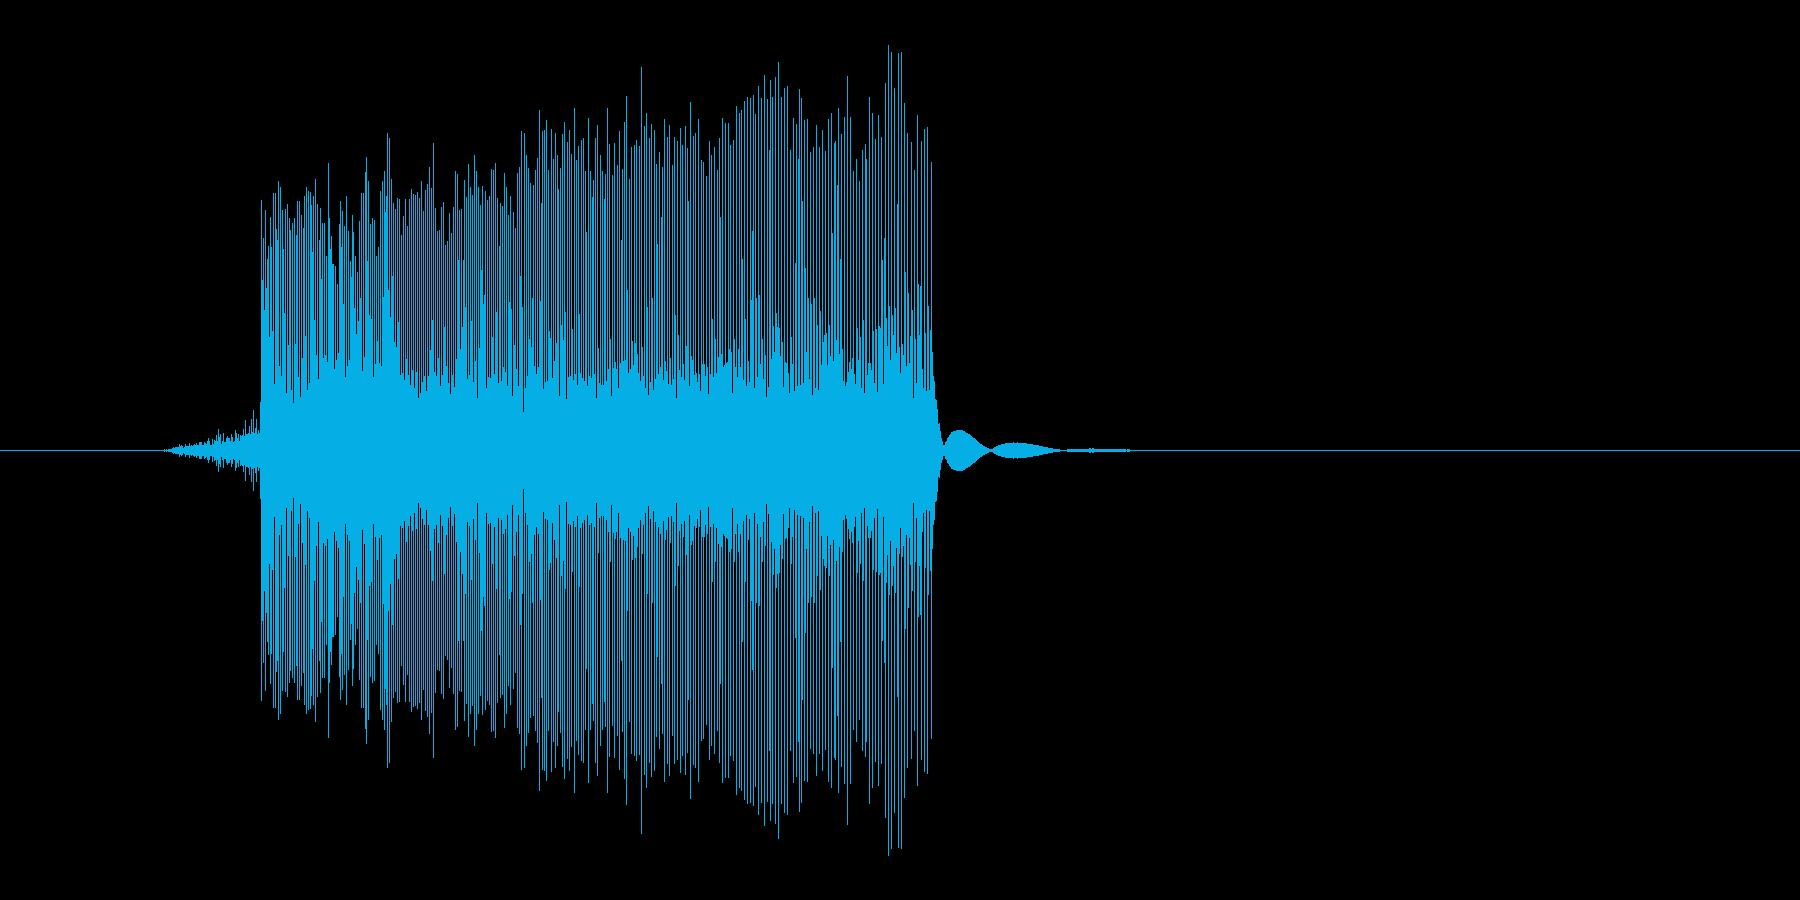 ゲーム(ファミコン風)レーザー音_017の再生済みの波形